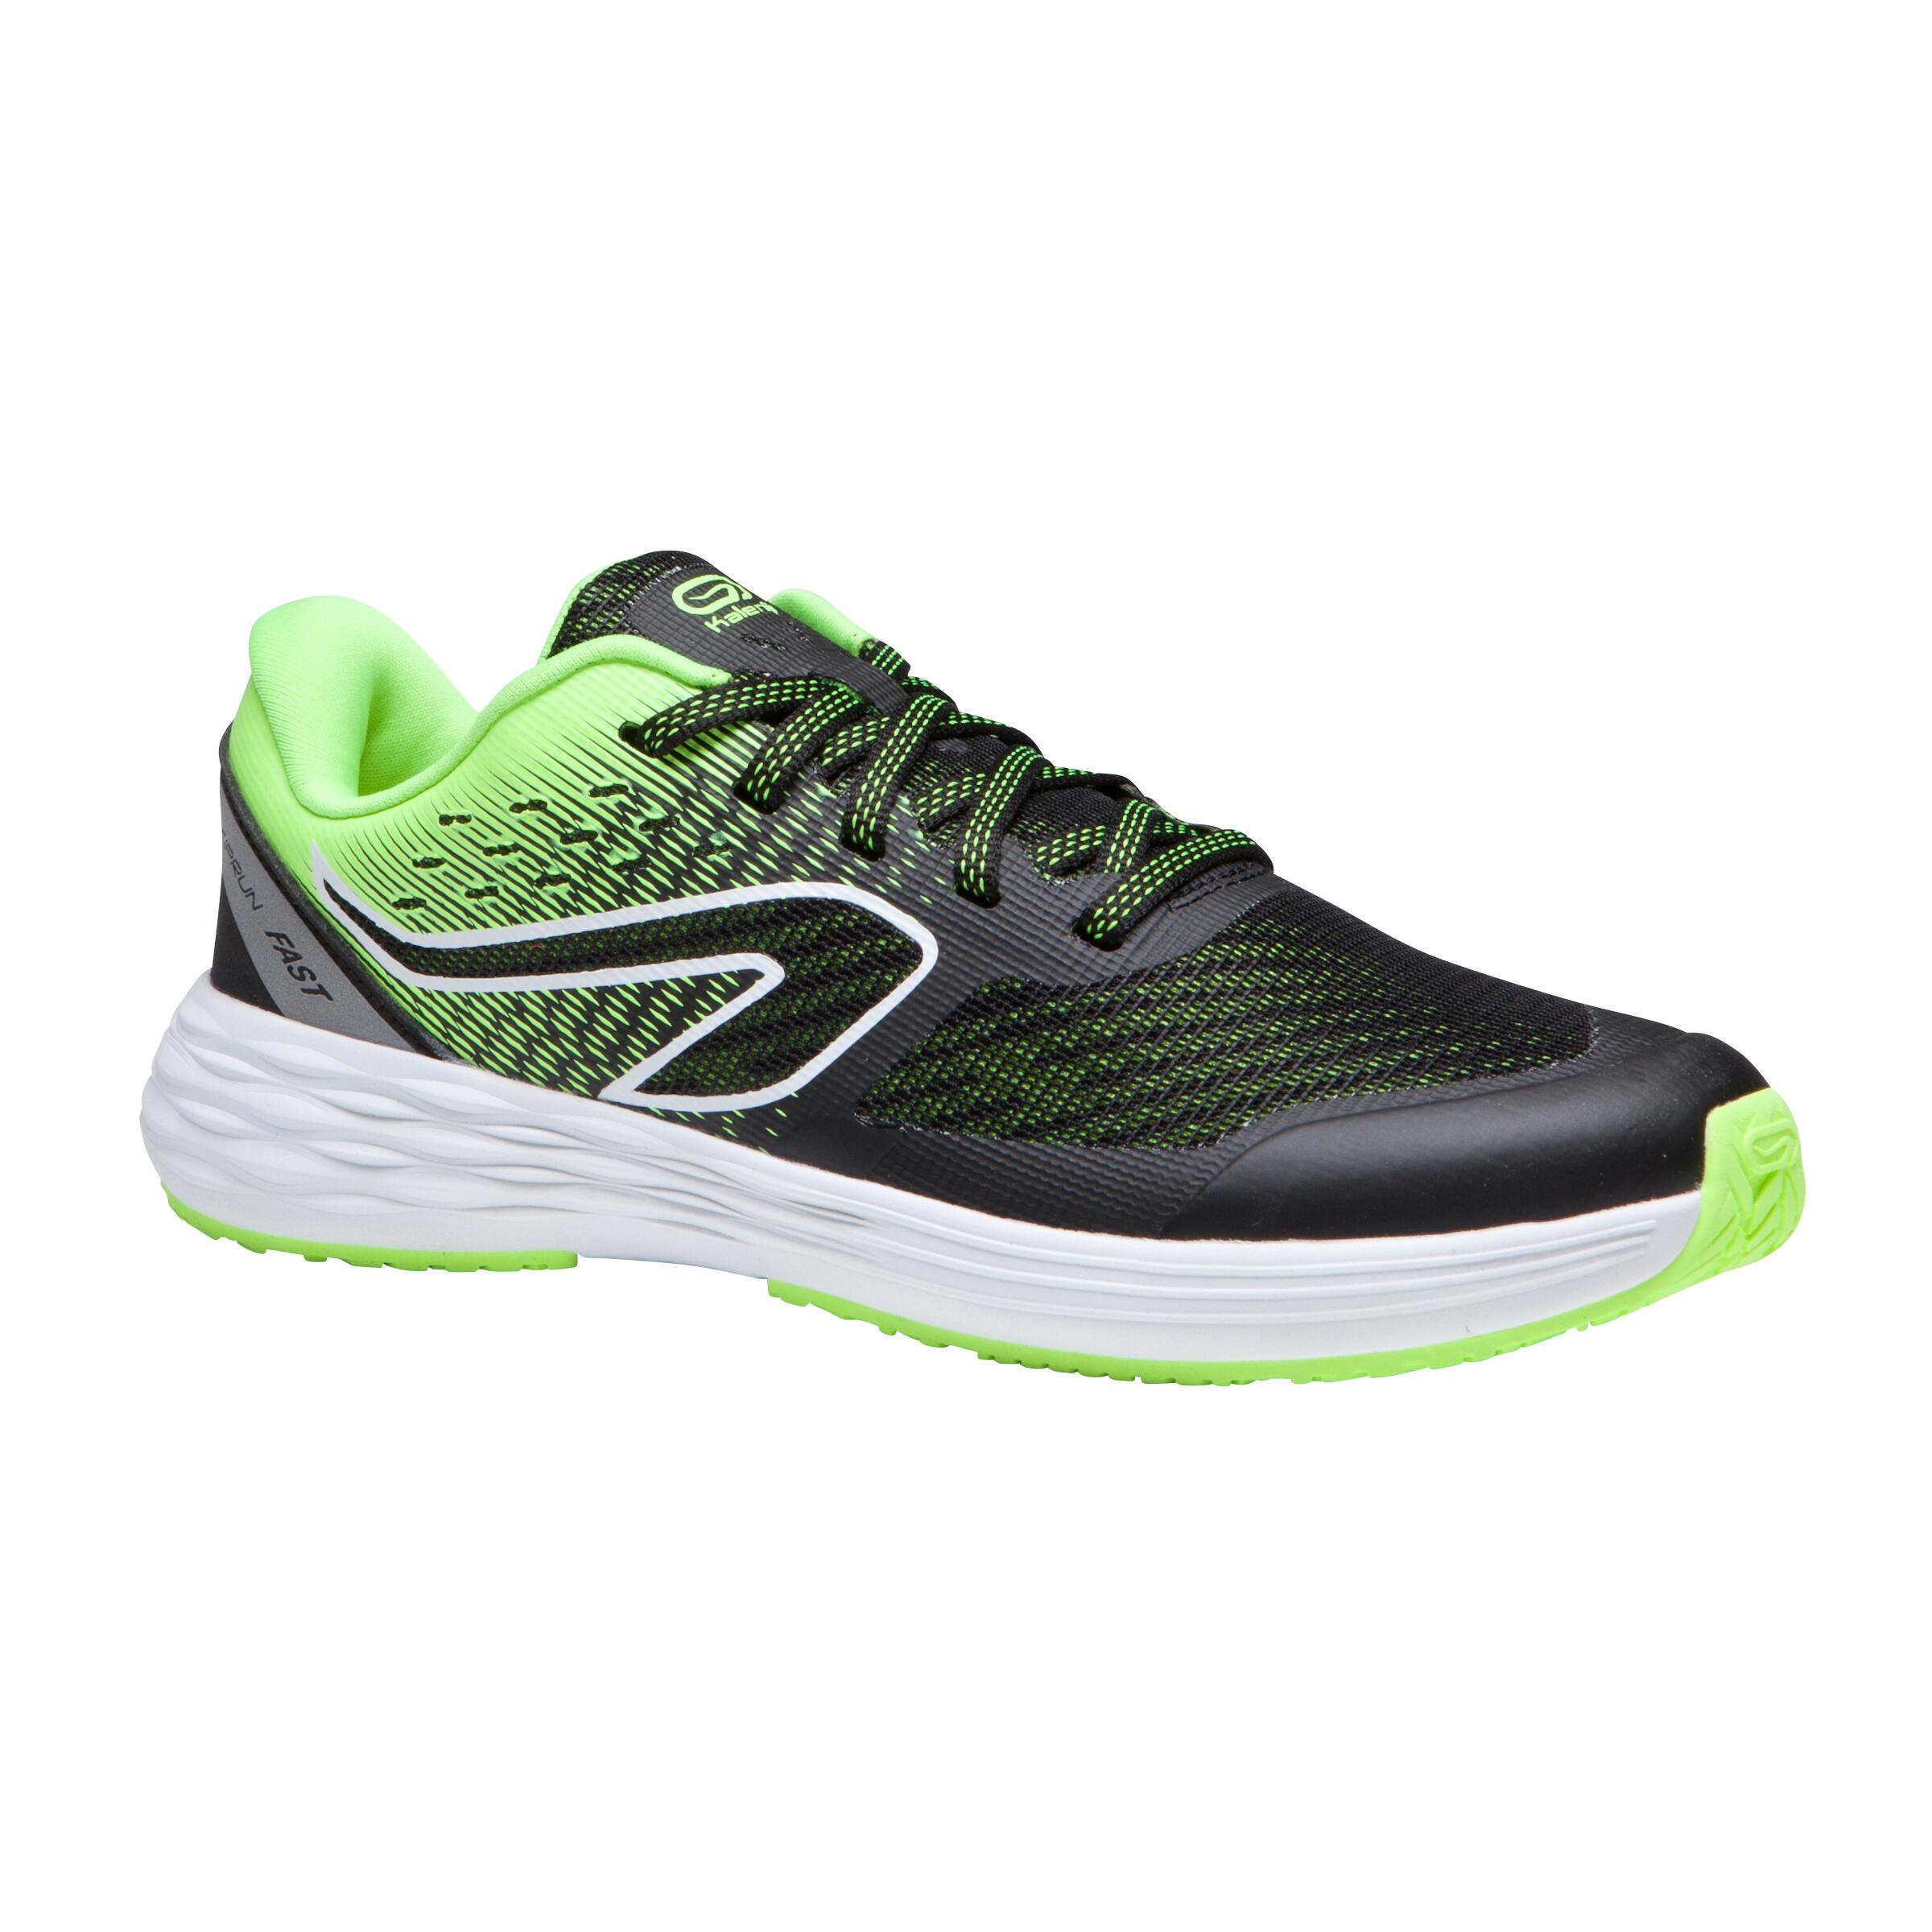 Laufschuhe Leichtathletik AT 500 Kiprun Fast Kinder schwarz/gelb